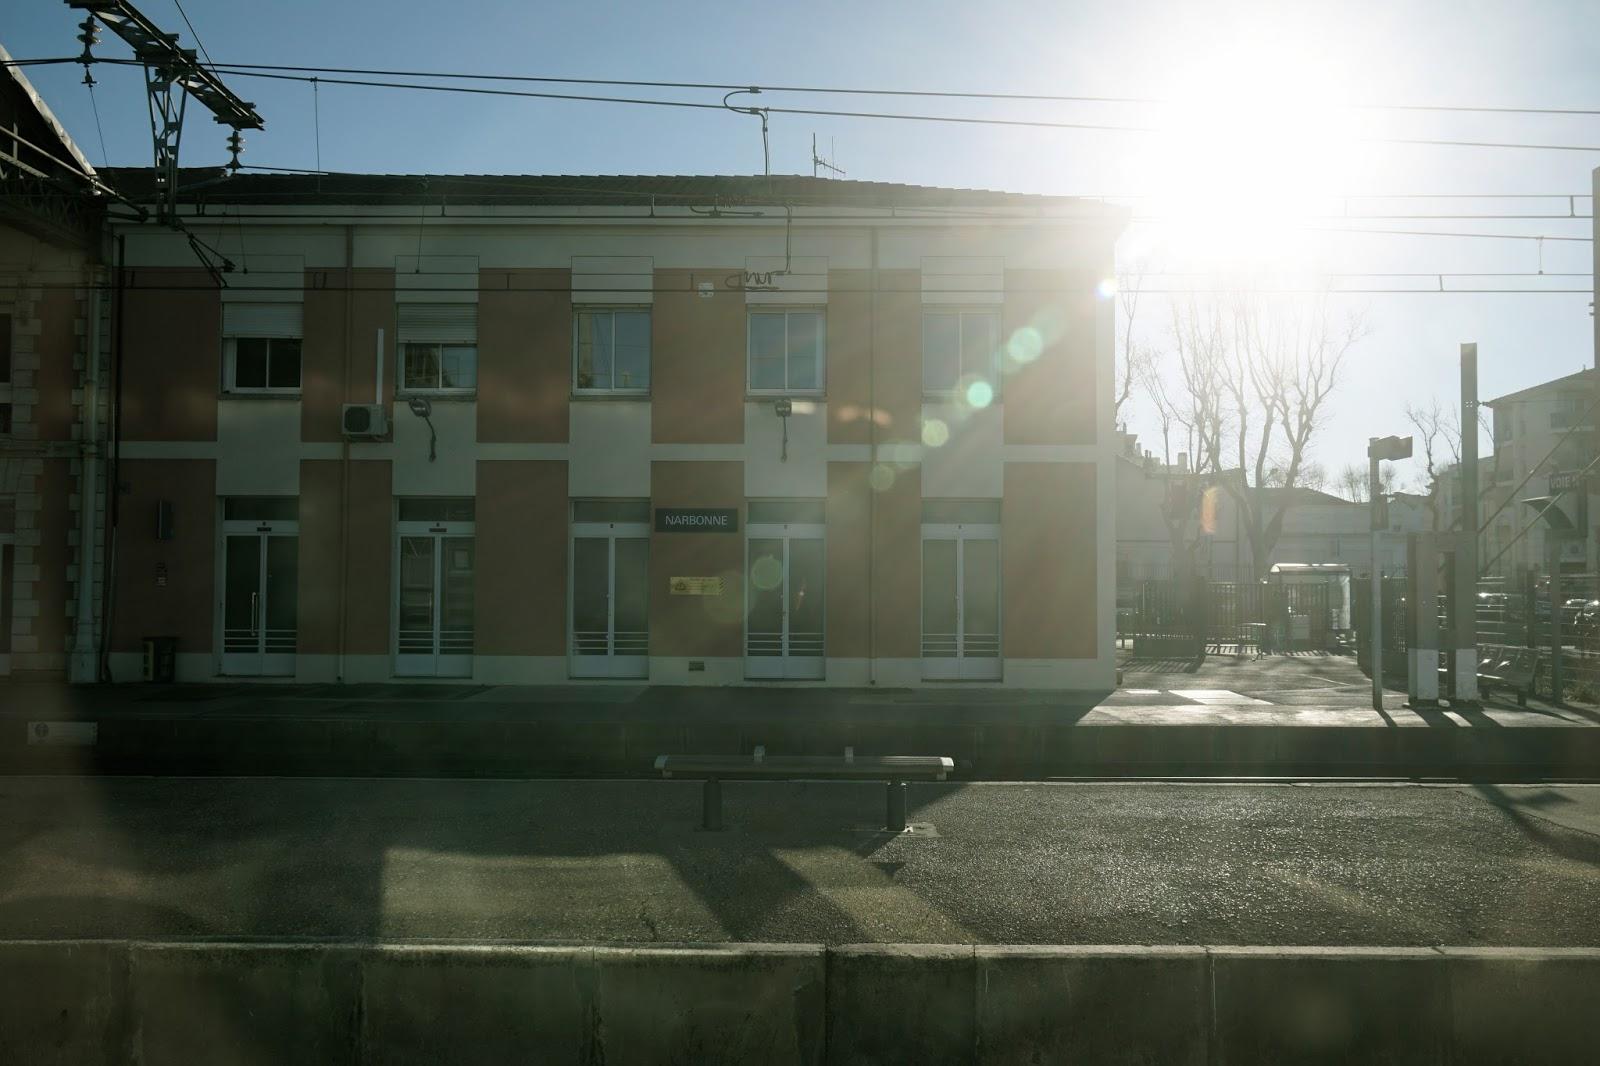 ナルボンヌ駅(Narbonne)